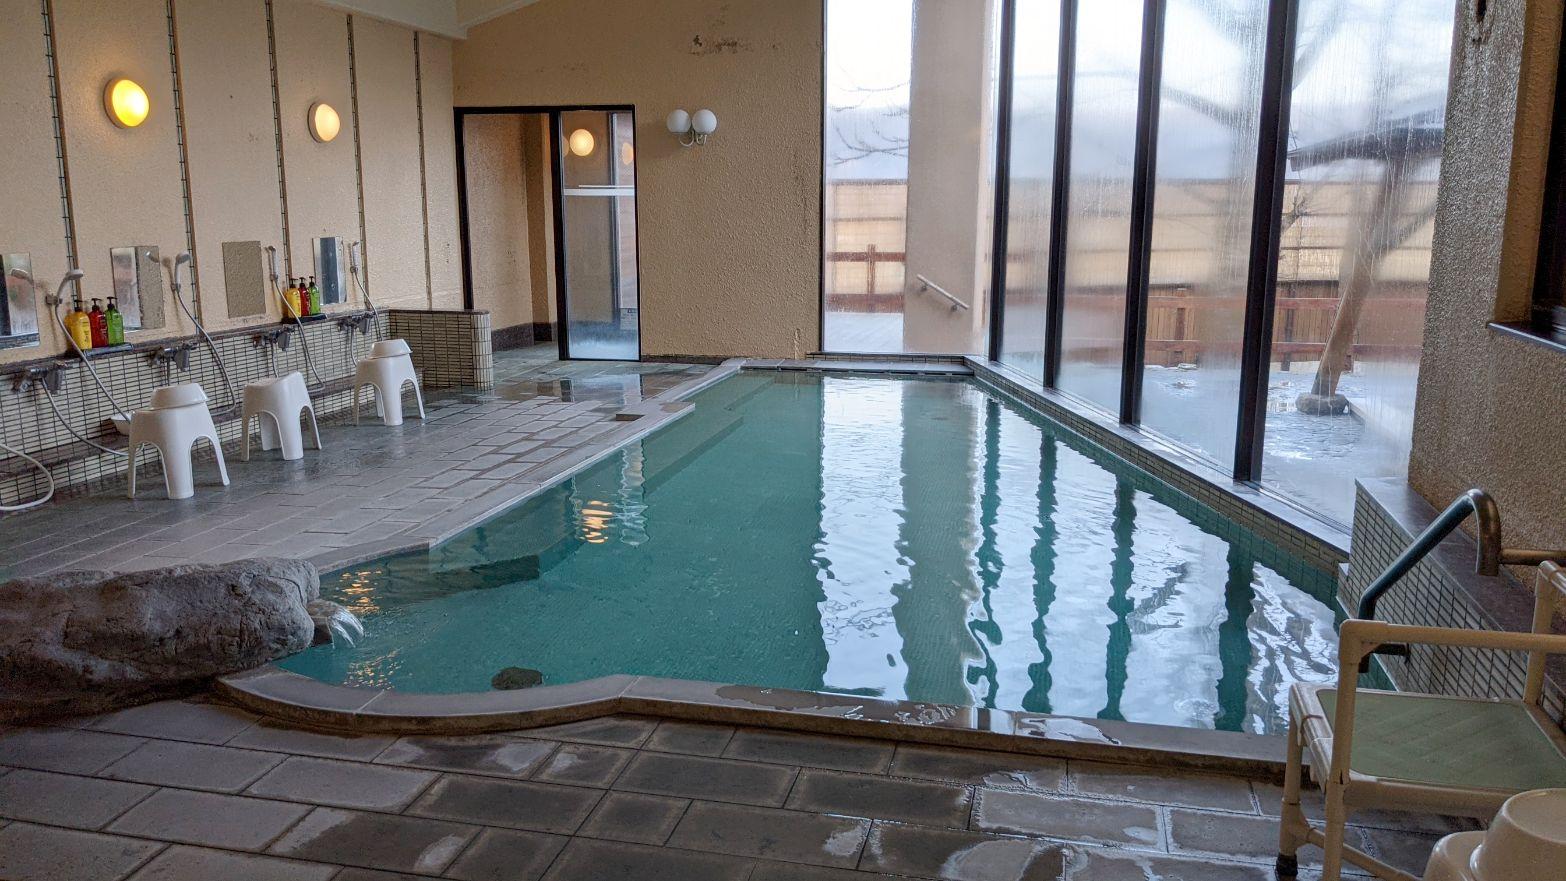 pH11.22の強アルカリ温泉とジビエ料理が楽しめる!白馬八方温泉のホテル五龍館に行ってきた #念の為PR